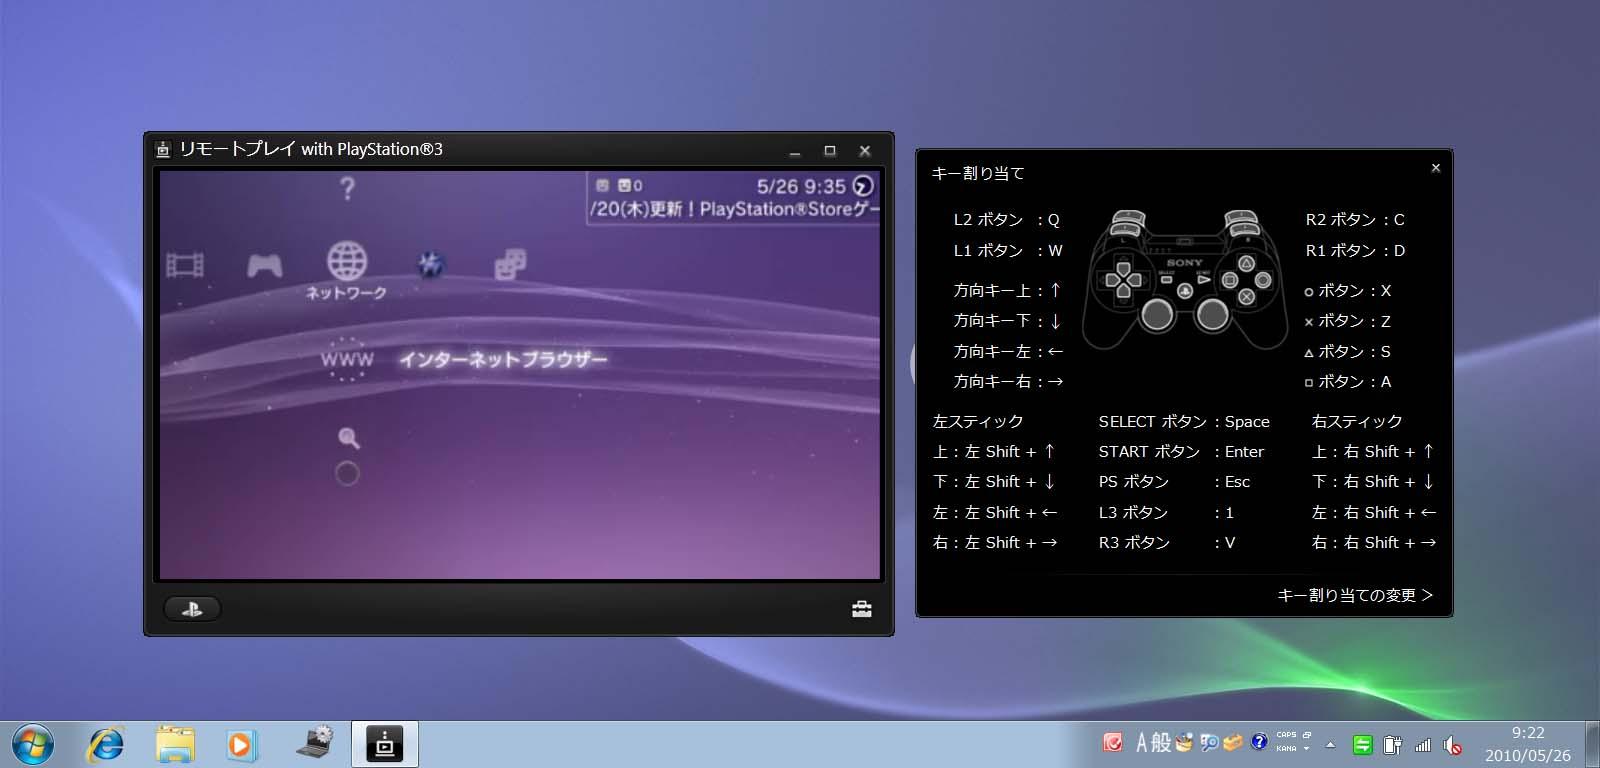 リモートプレイ実行中のVAIO Pの画面(ウィンドウ表示)。右には、キーアサインが表示されている